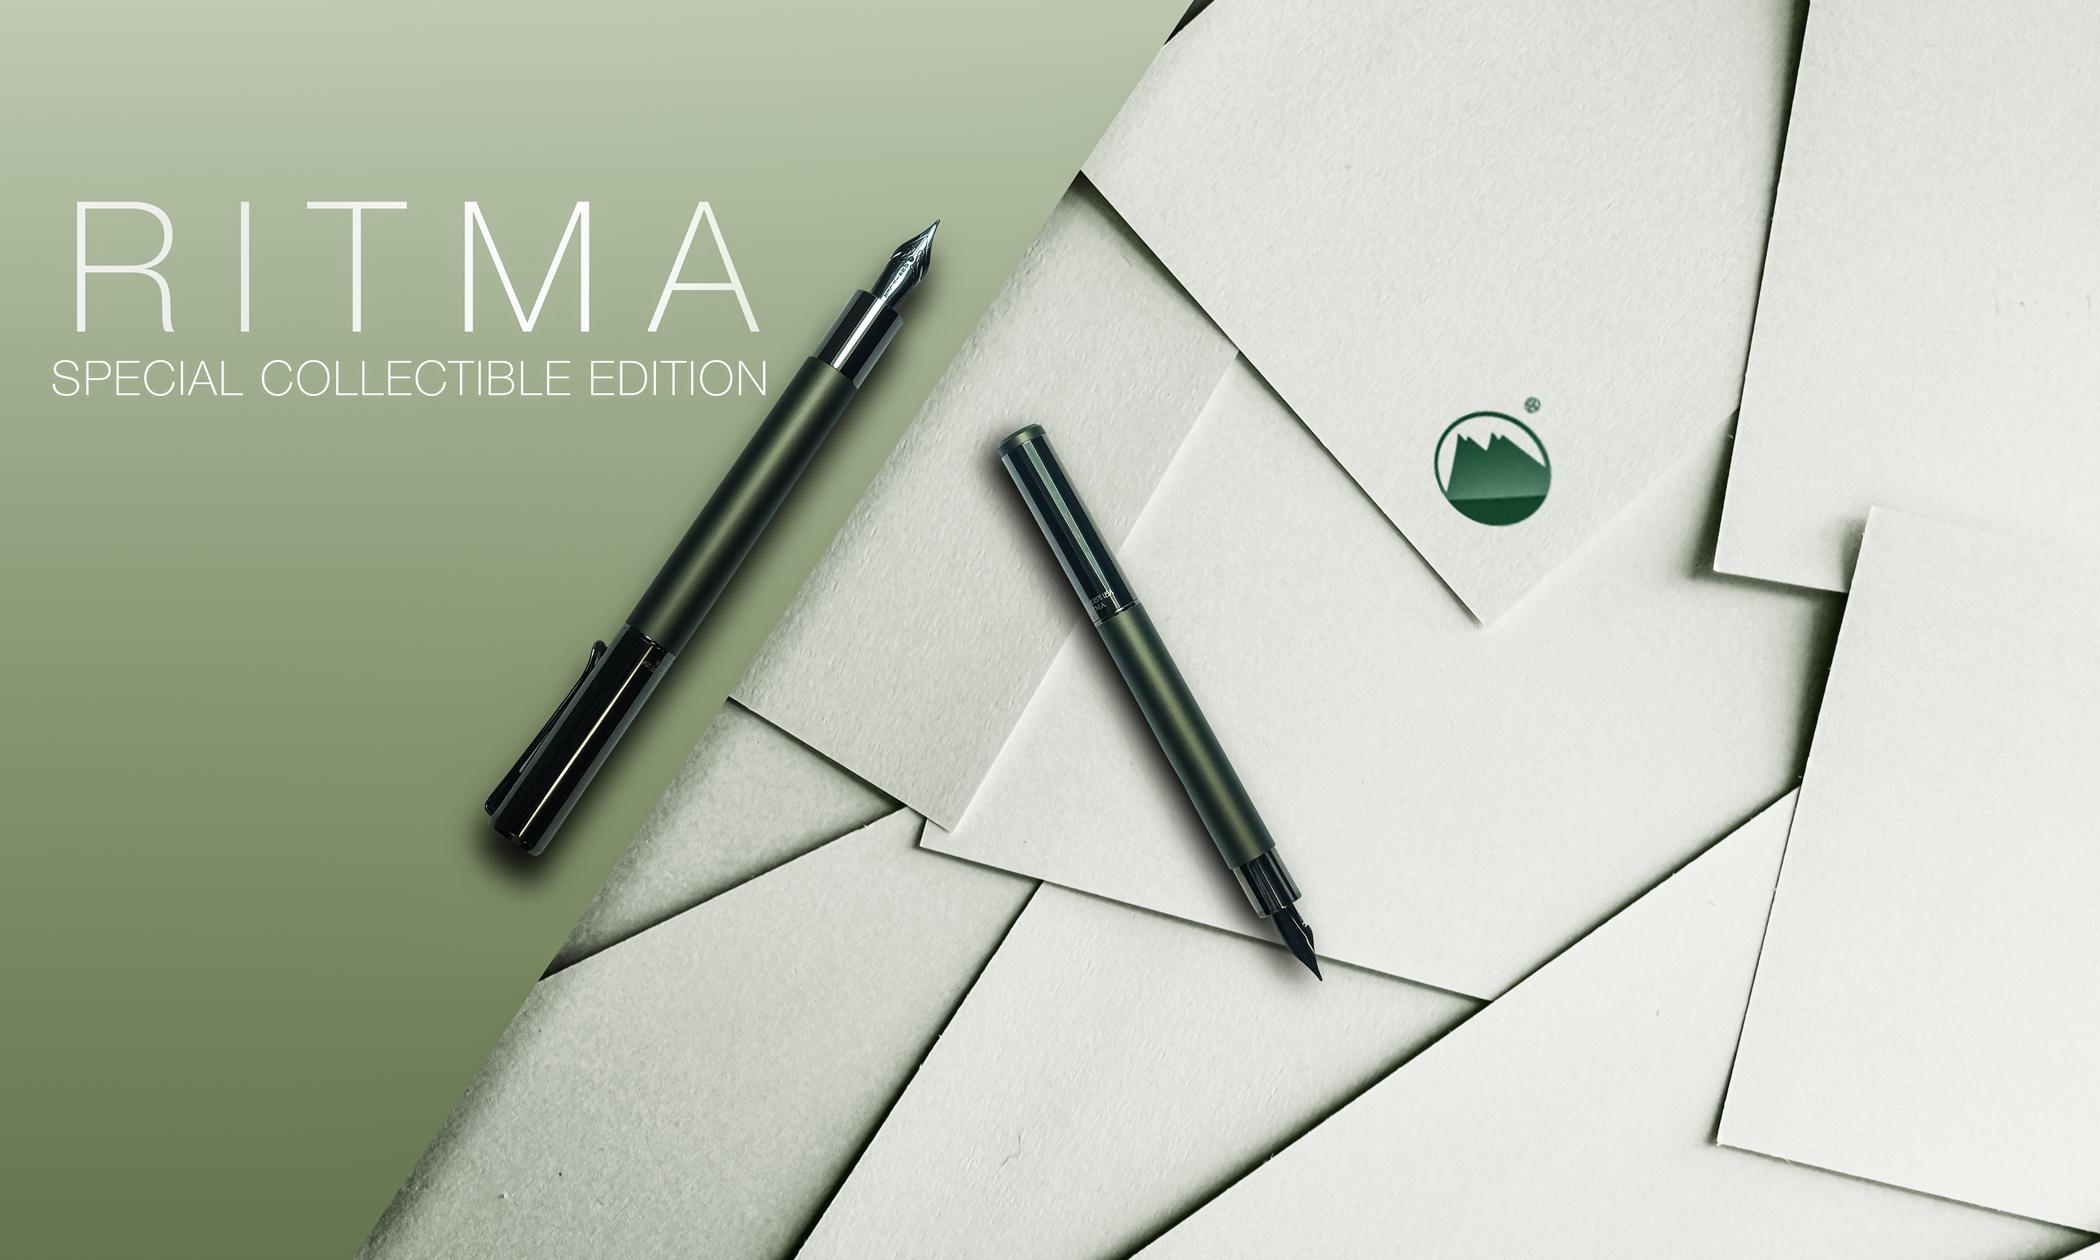 ritma-banner-new.jpg